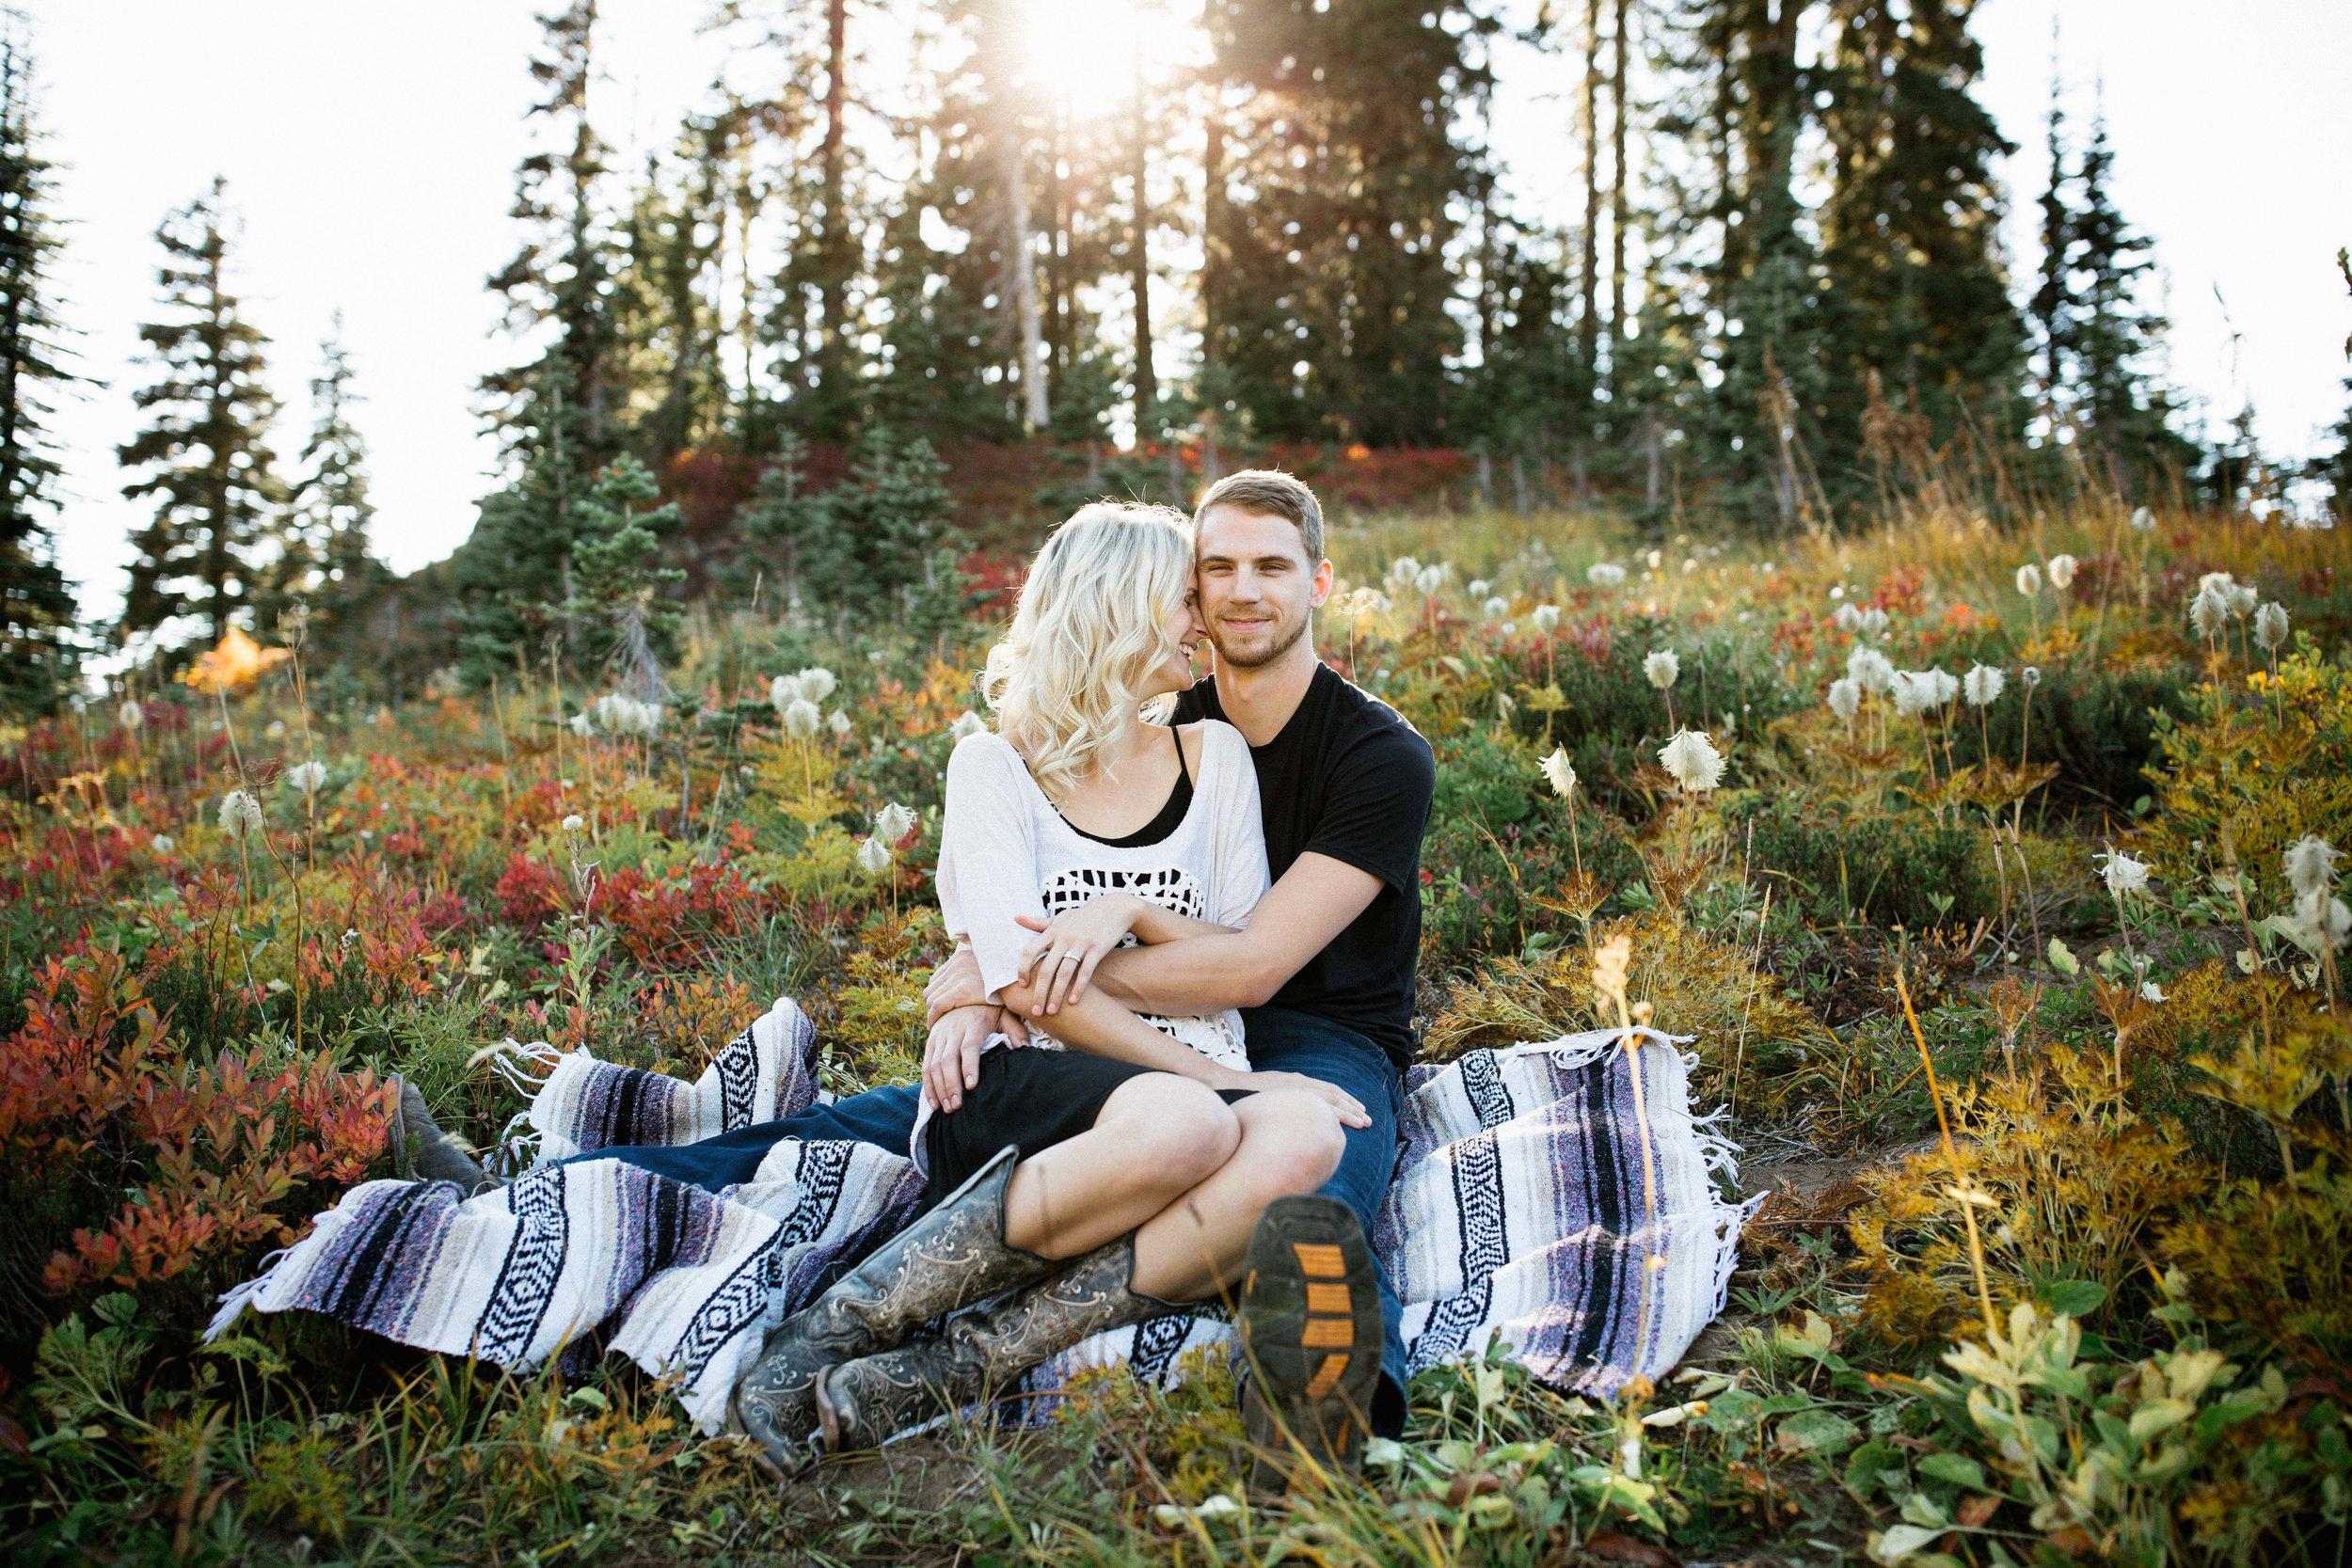 Alexis&Kyle-Engaged!BLOG-48.jpg